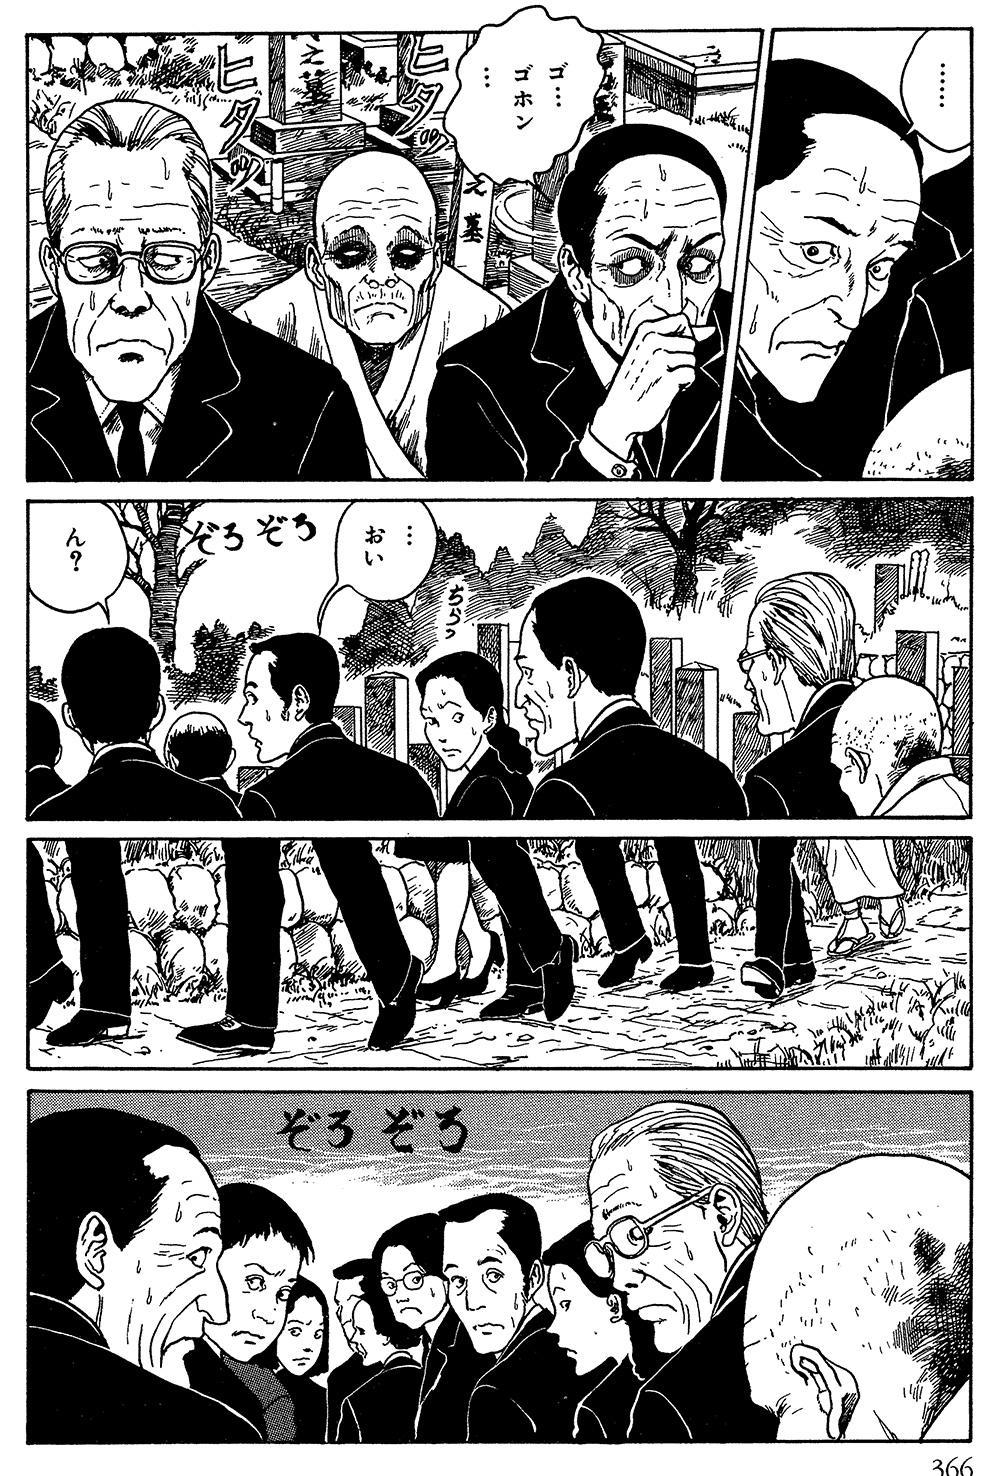 伊藤潤二傑作集「棺桶」①kanoke02-14.jpg